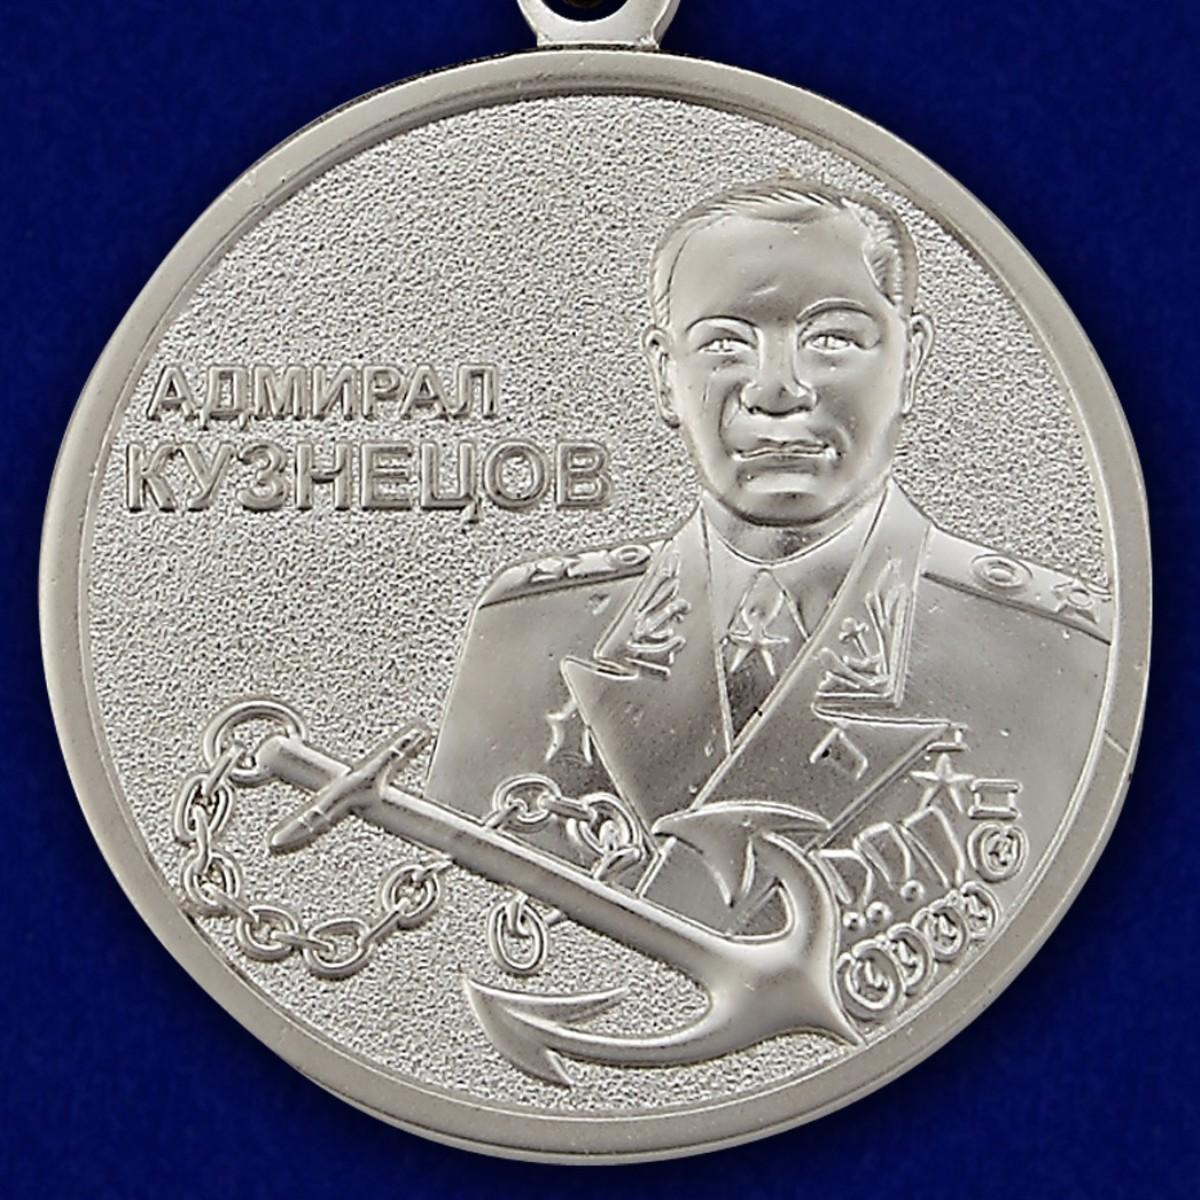 """Купить медаль """"Адмирал Кузнецов"""" с удостоверением в футляре"""